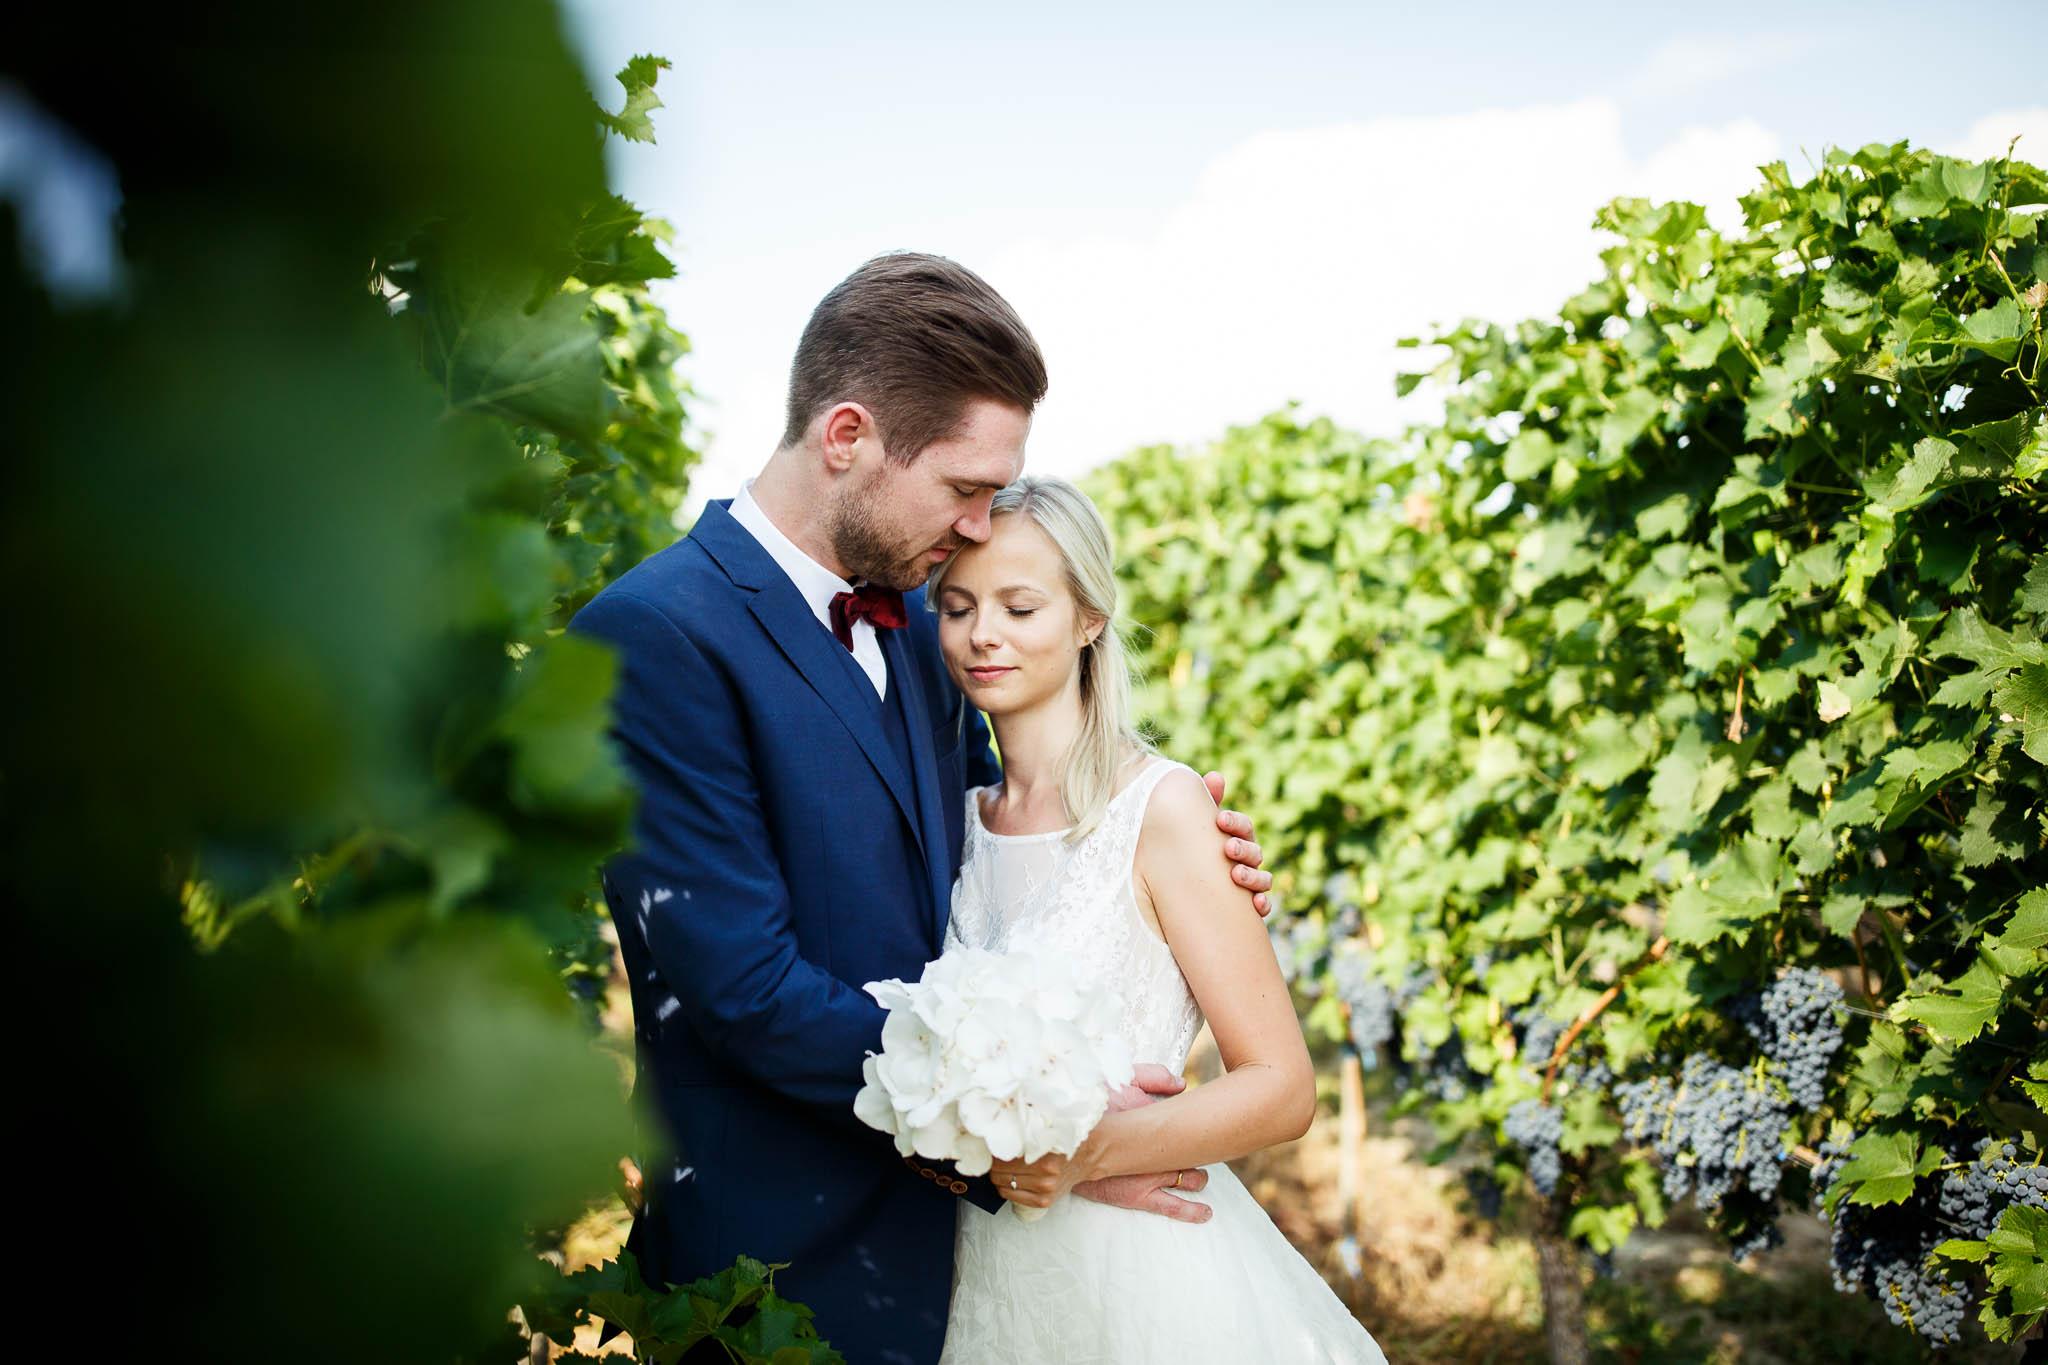 Hochzeitsfotograf für Karlsruhe und Umgebung